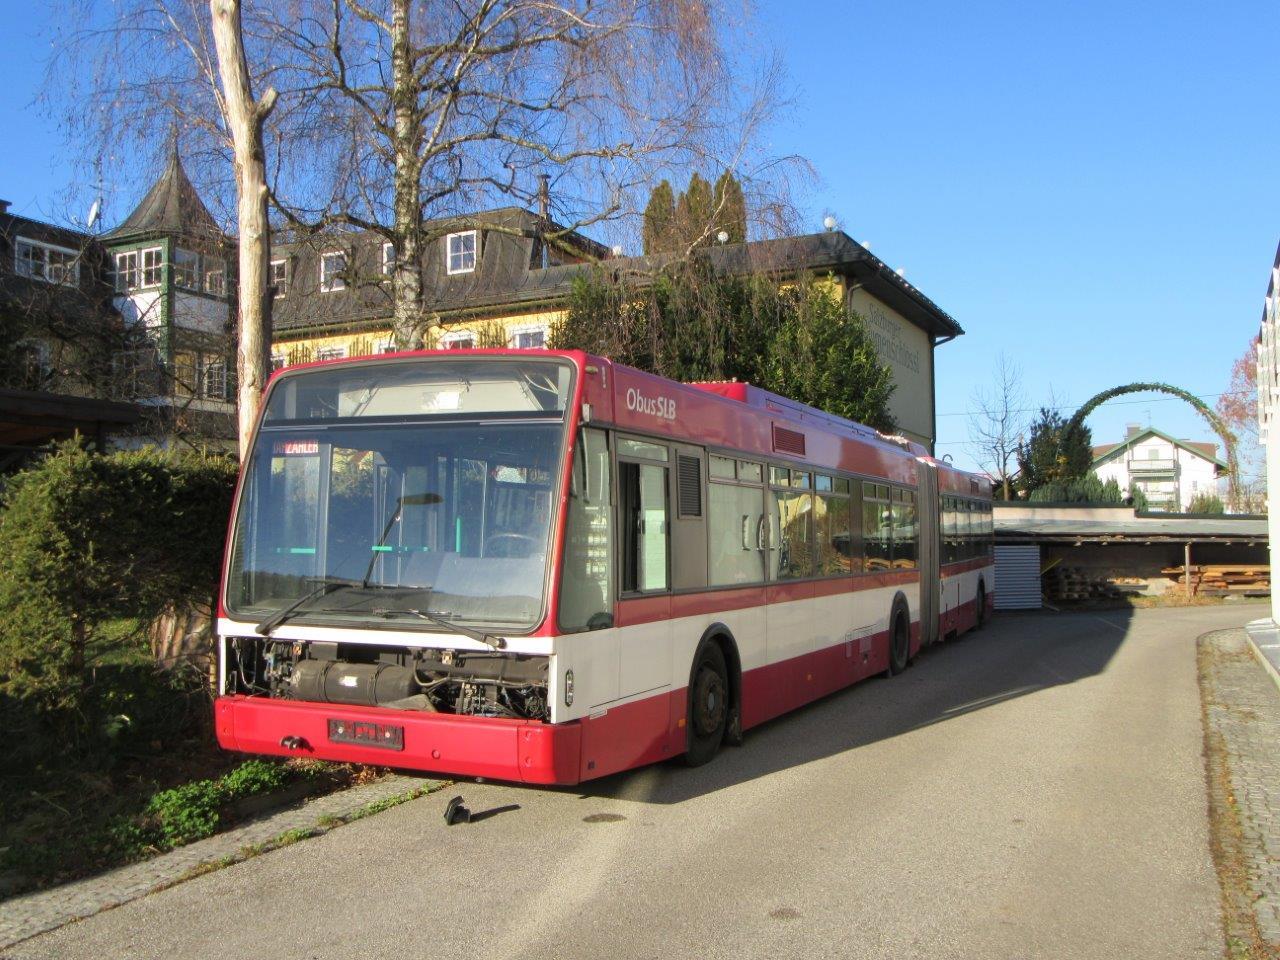 Trolejbus ev. č. 259 typu AG 300 T výrobce VanHool byl pořízen v roce 2008 z provozu Vevey - Montreux - Chillion - Villeneuve (VMCV) ve Švýcarsku. Nyní slouží pro cvičení hasičů. (foto: Gunter Mackinger)